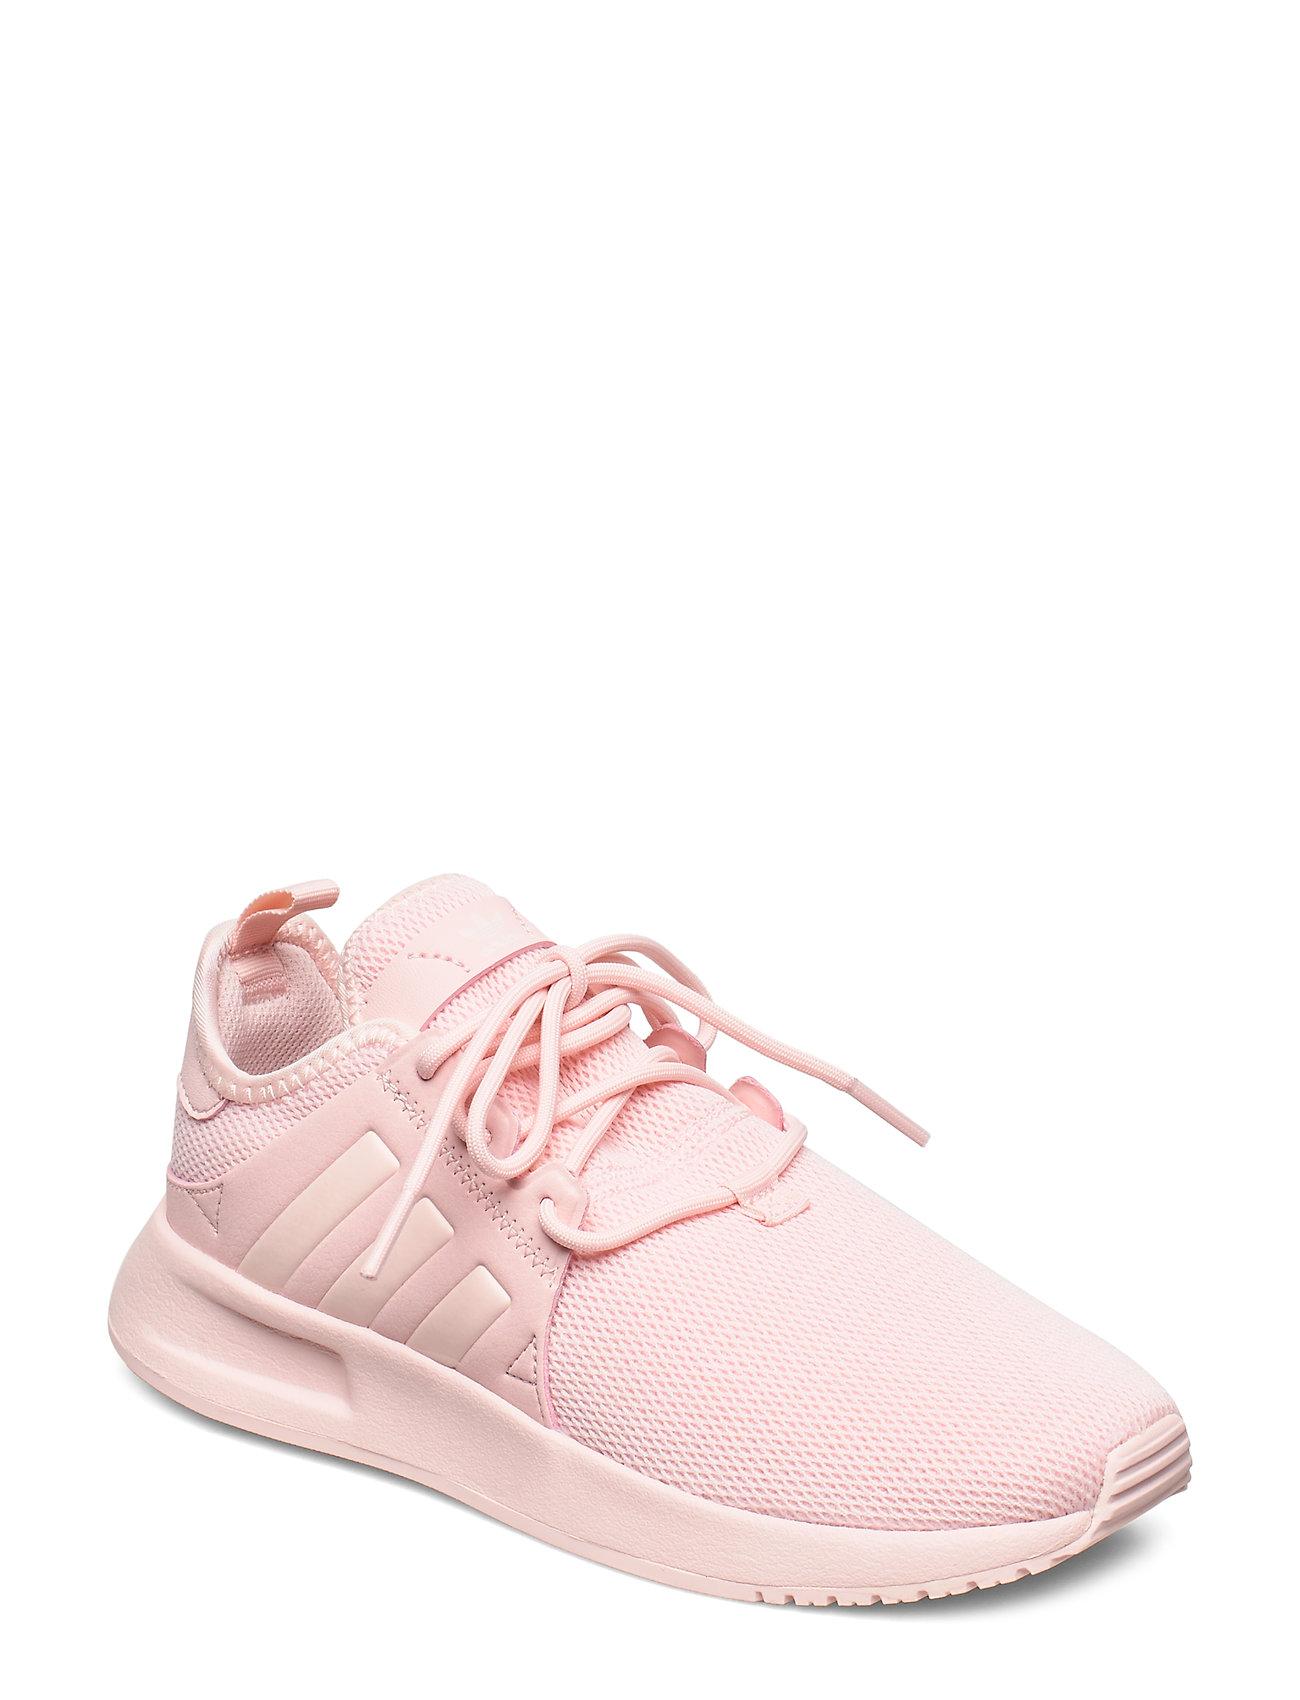 adidas Originals X_PLR C - ICEPNK/ICEPNK/ICEPNK